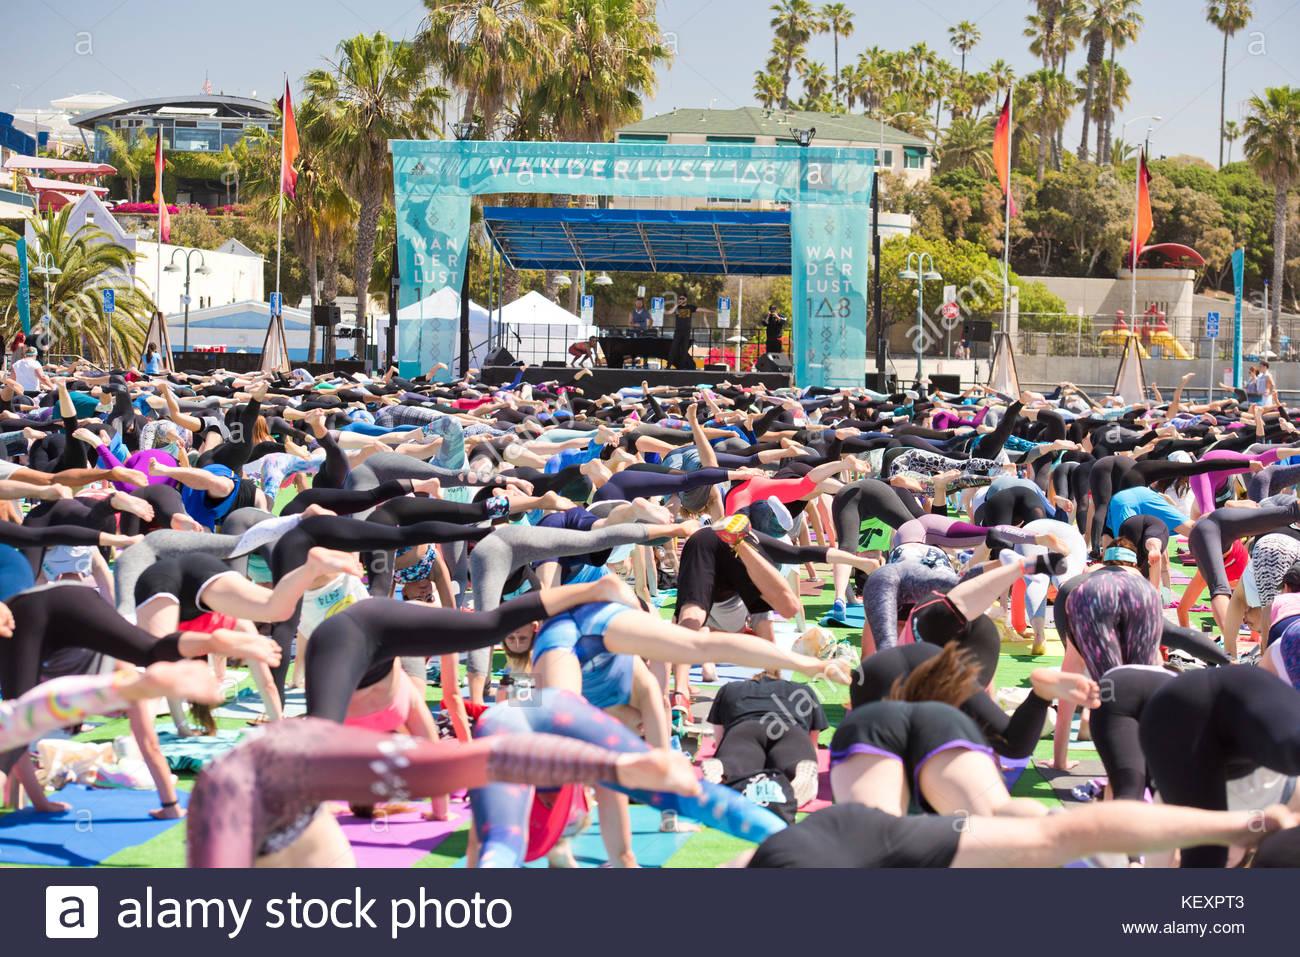 Persone che svolgono uno zampe cane verso il basso pongono nel corso di yoga outdoor festival sul Santa Monica Pier Immagini Stock